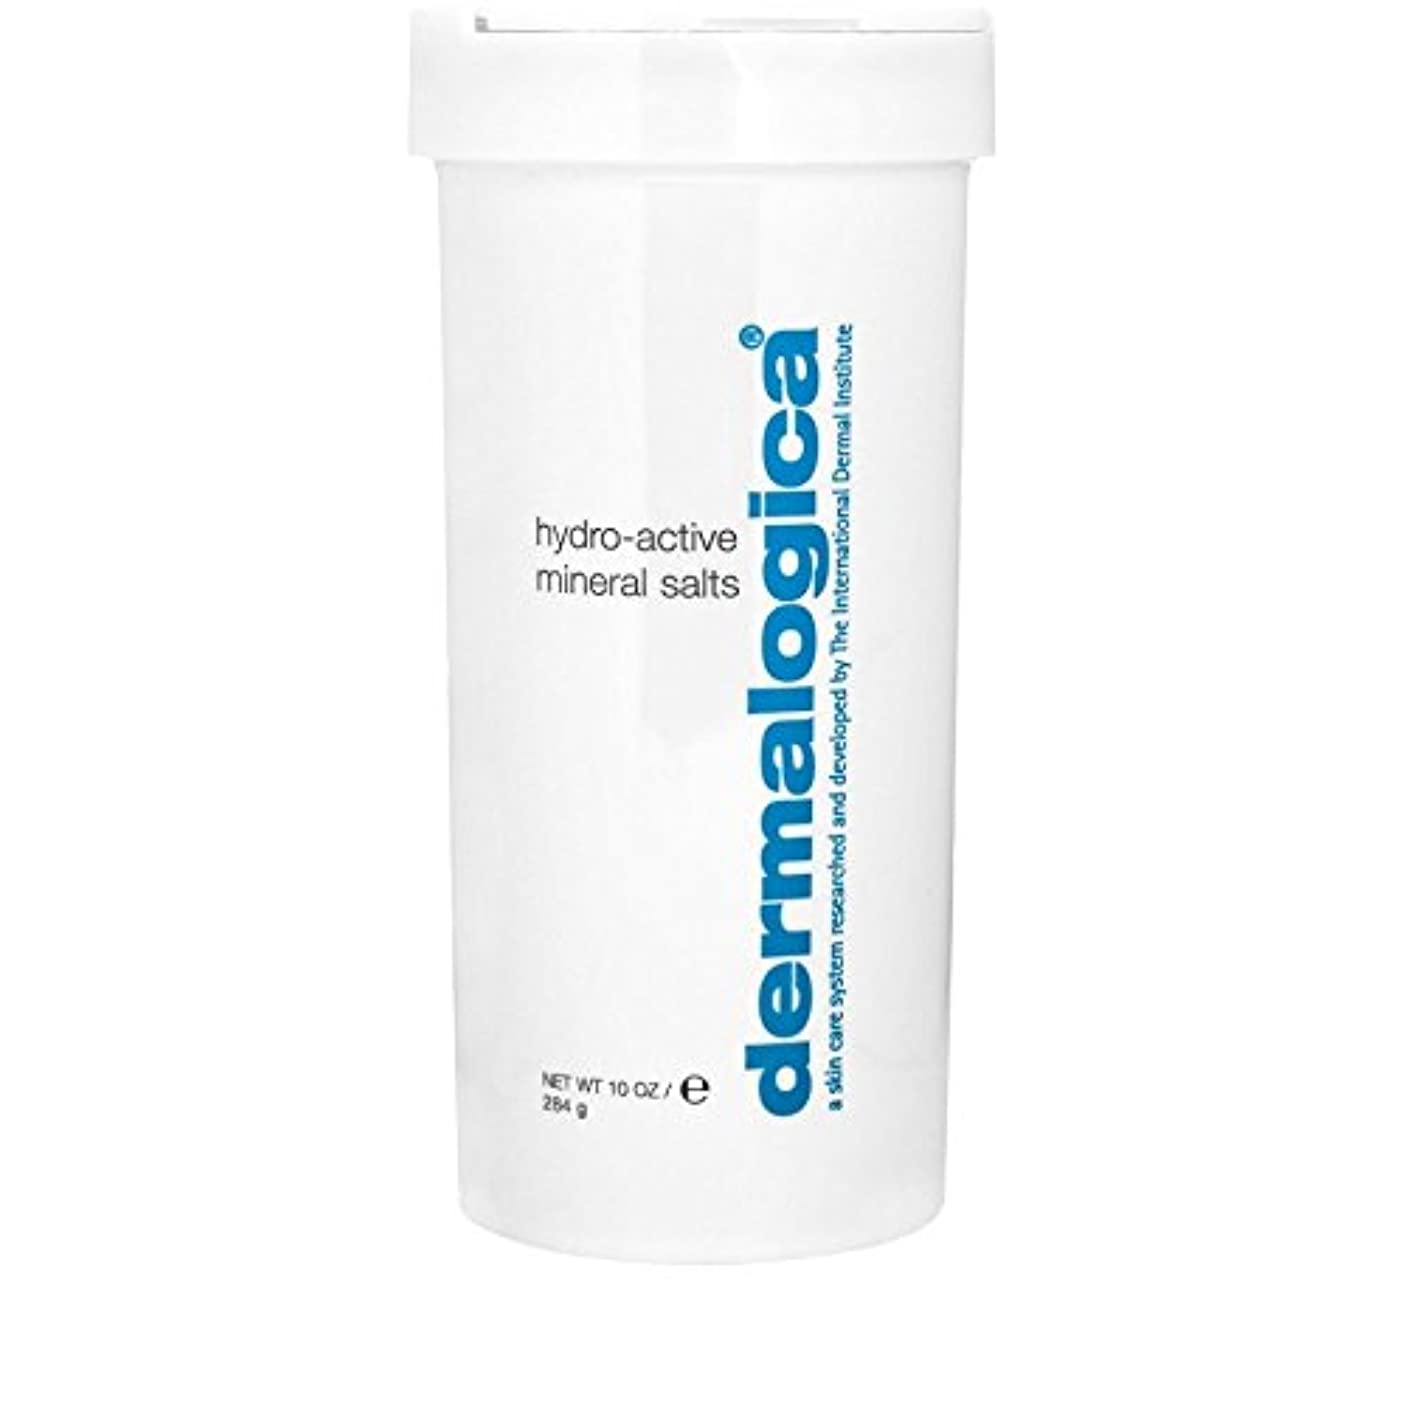 悲しむしなやかな地元ダーマロジカ水力アクティブミネラル塩284グラム x4 - Dermalogica Hydro Active Mineral Salt 284g (Pack of 4) [並行輸入品]